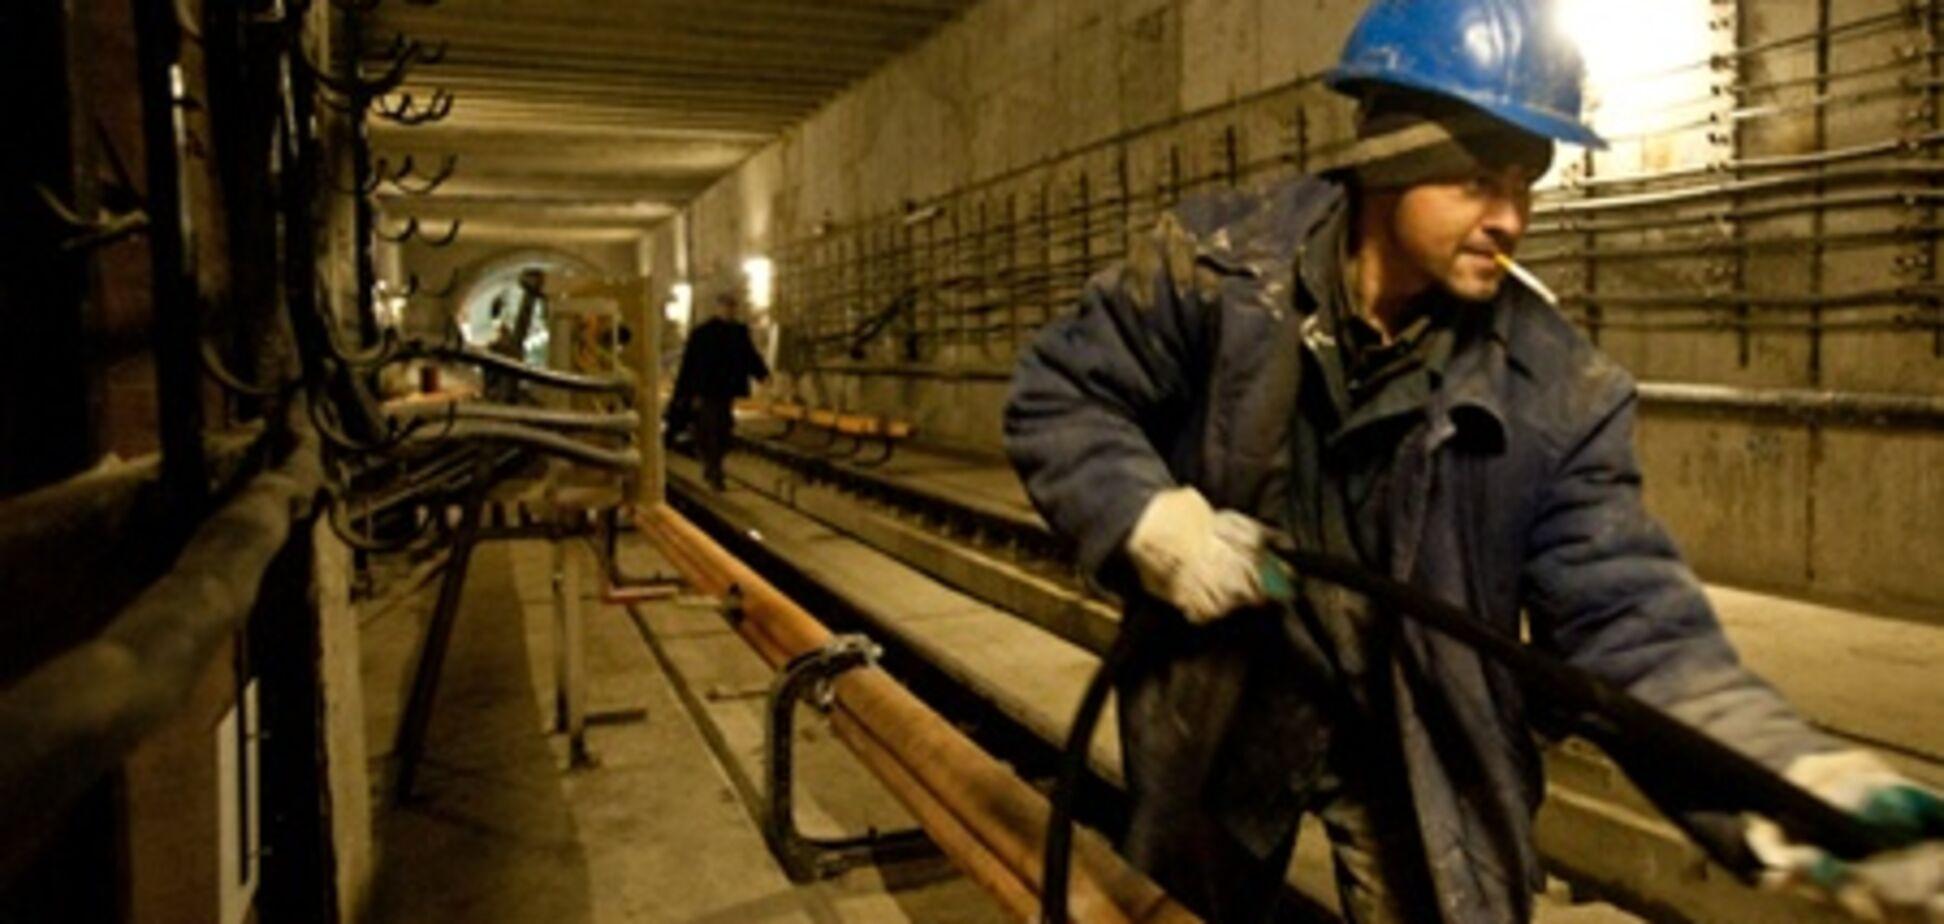 Станции метро 'Славутич' и 'Позняки' открыли